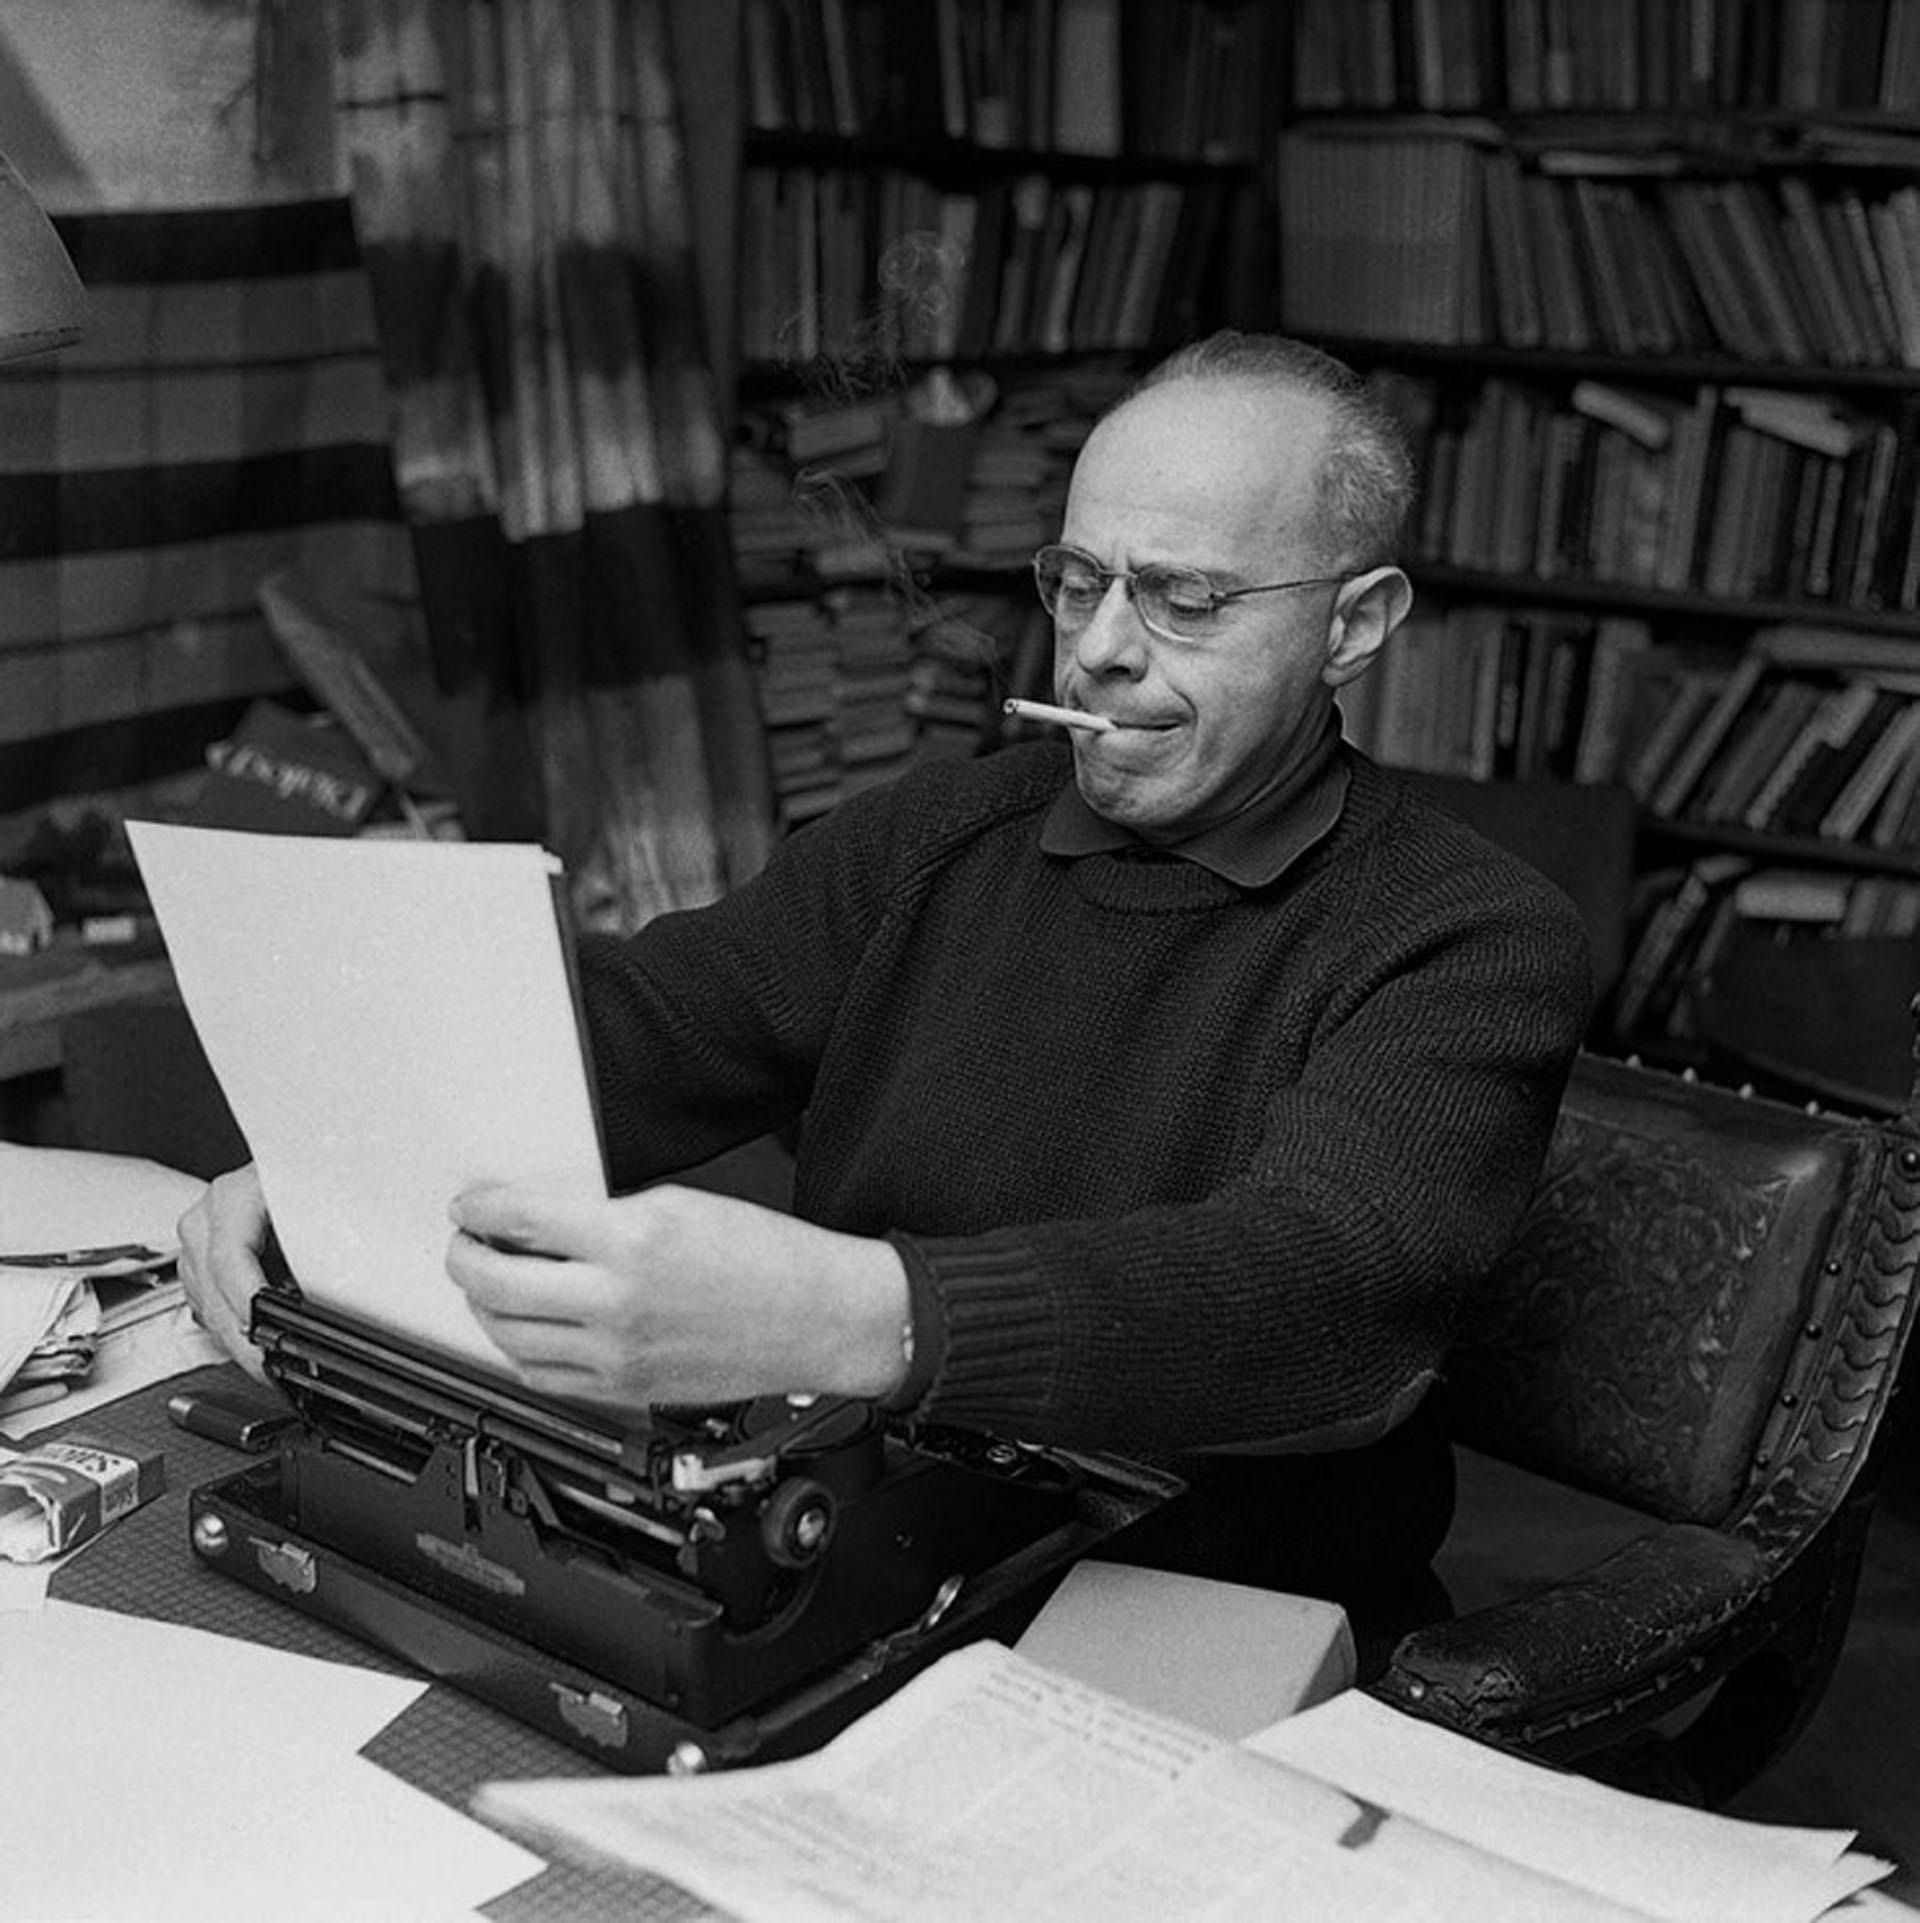 Станислав Лем: «Источником моих футуристических идей было полное отсутствие доступа к той части мировой литературы, которая потом была названа «футурологией»